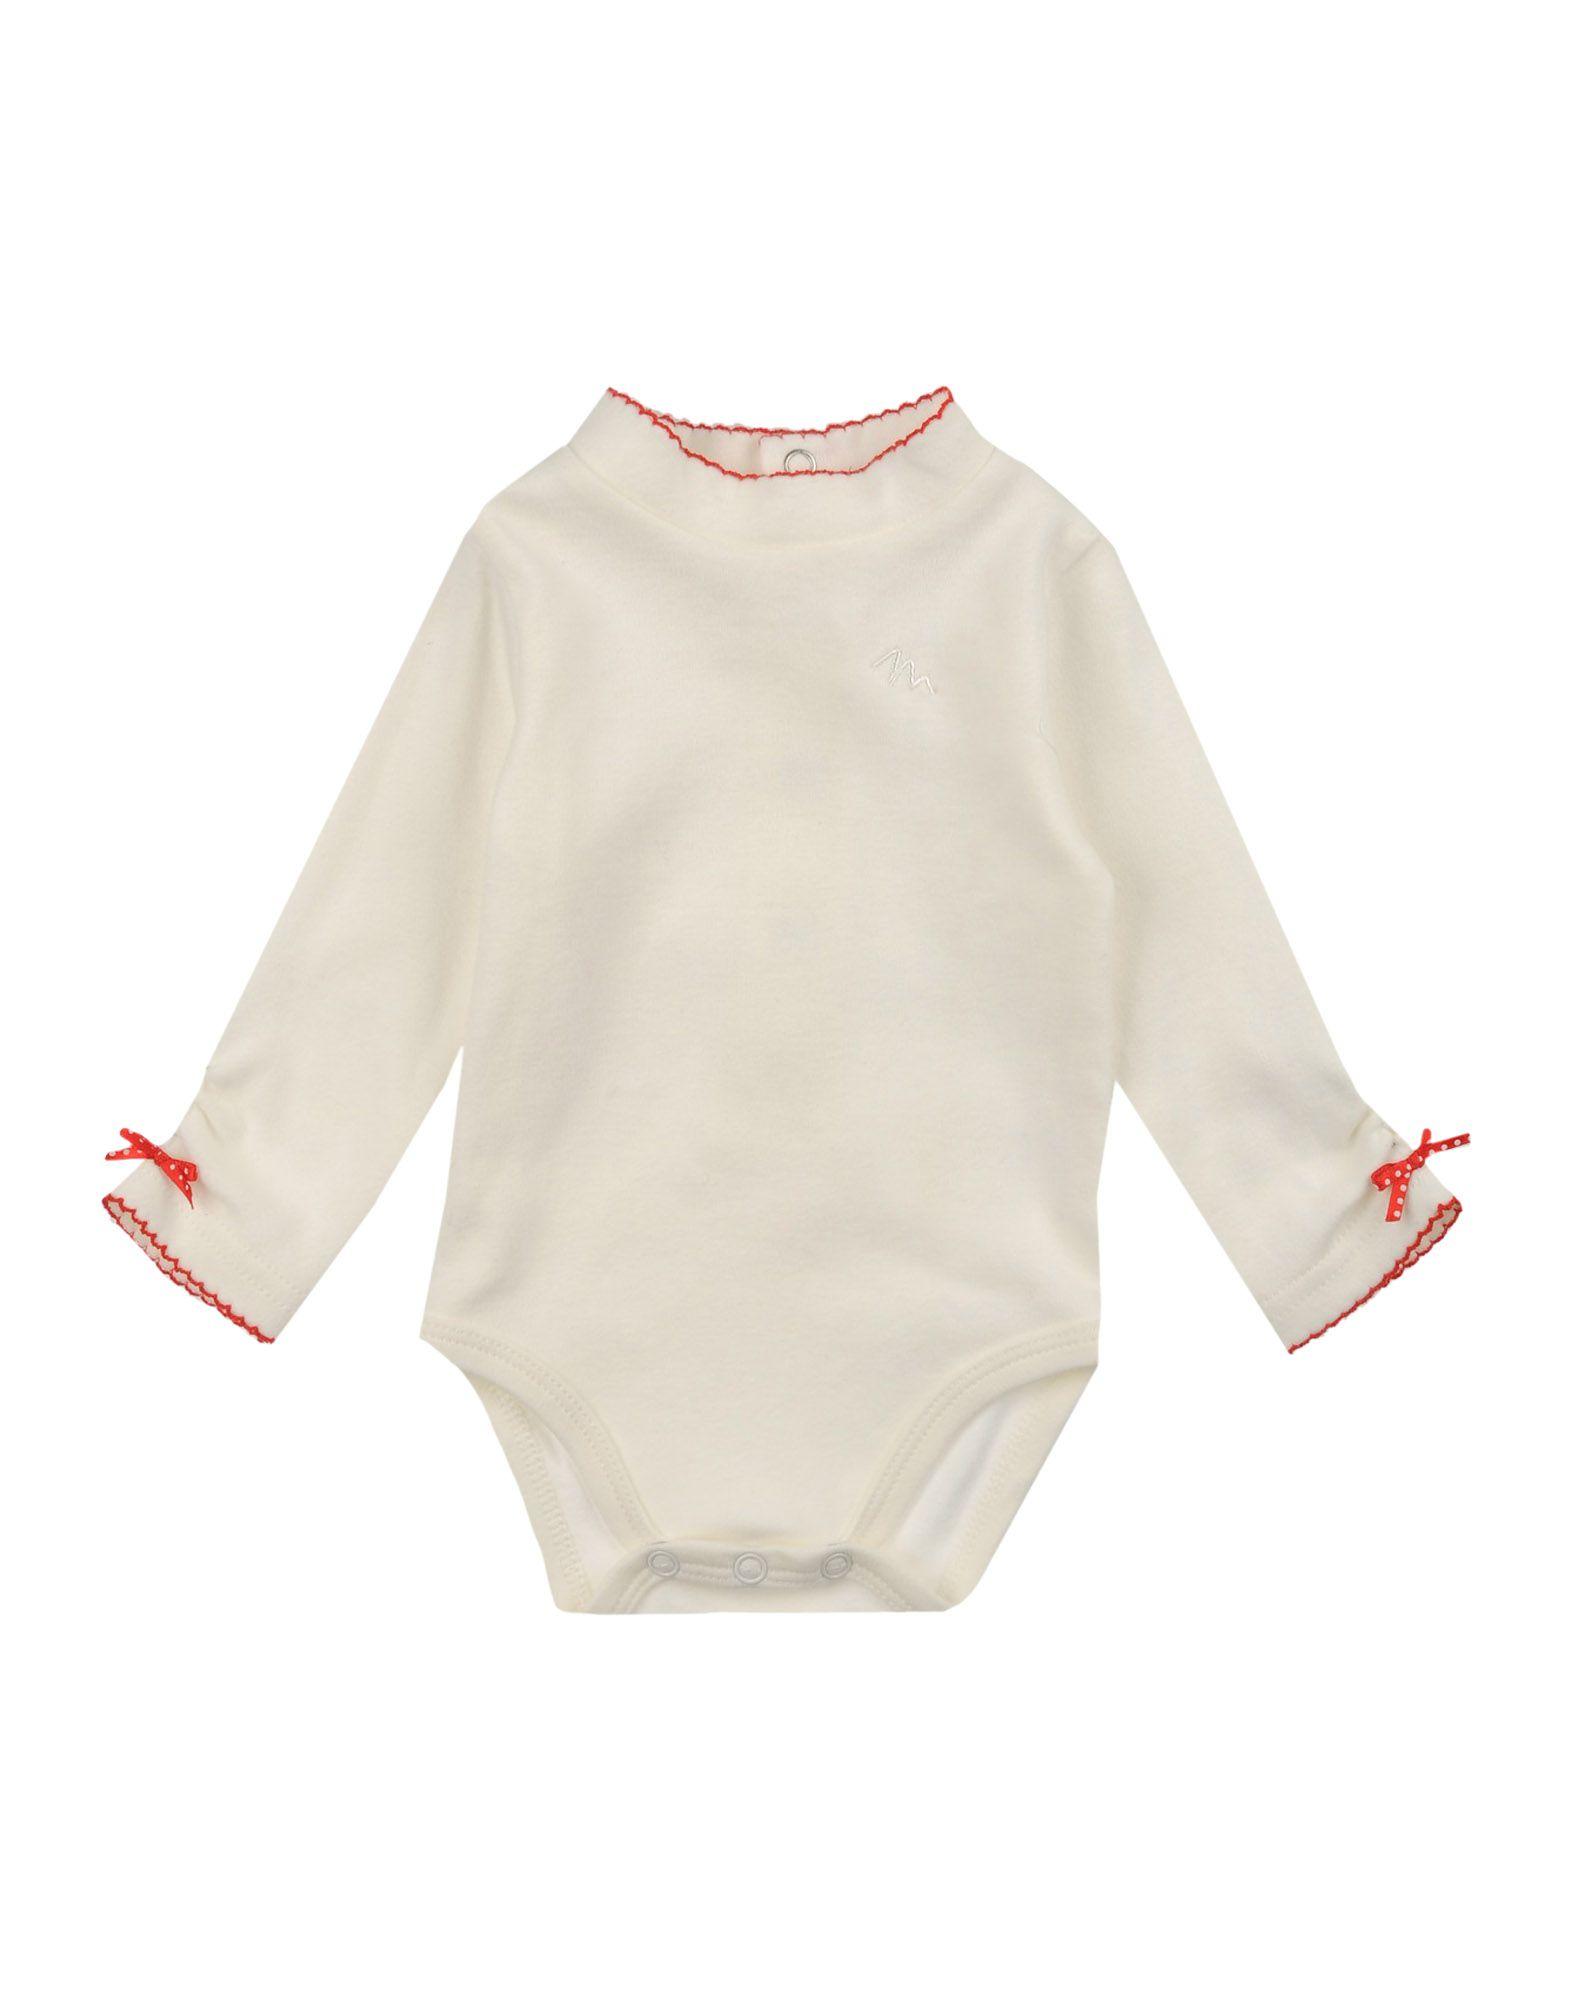 MIRTILLO Mädchen 0-24 monate Body Farbe Weiß Größe 3